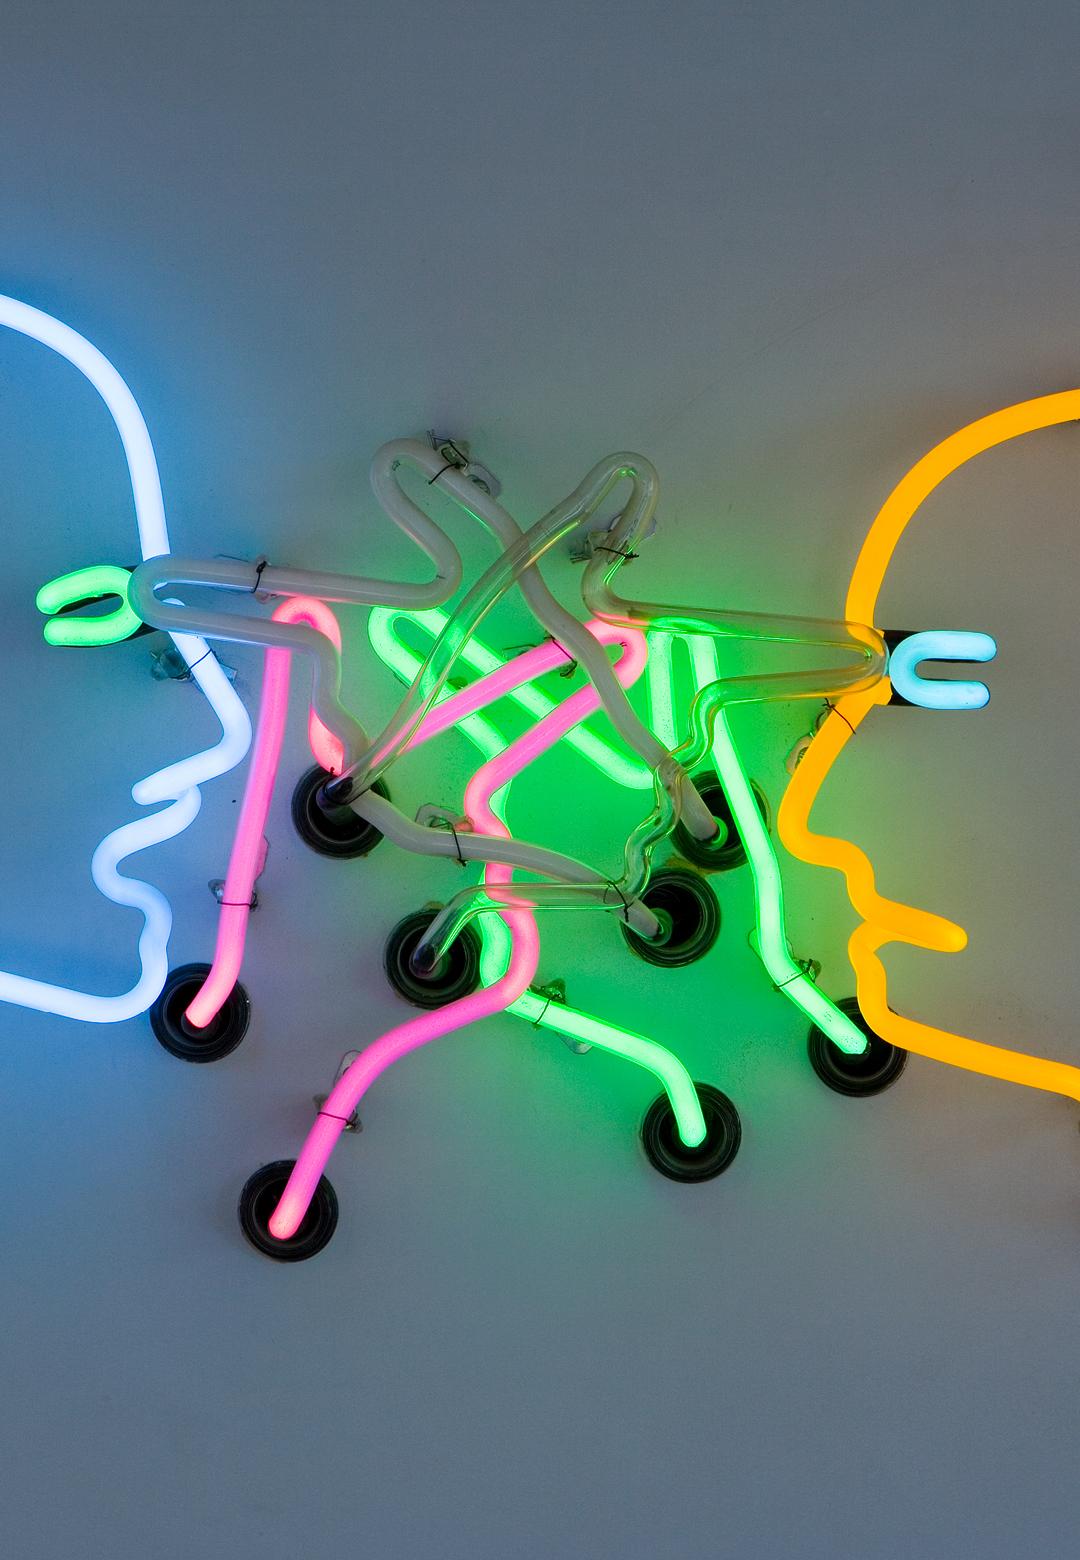 Bruce Nauman, Double Poke in the Eye II, 1985, neon, 61 x 91 x 24,5 cm, Sammlung /collection Froehlich, Stuttgart | Rodin/Nauman | Auguste Rodin | Bruce Nauman | STIRworld